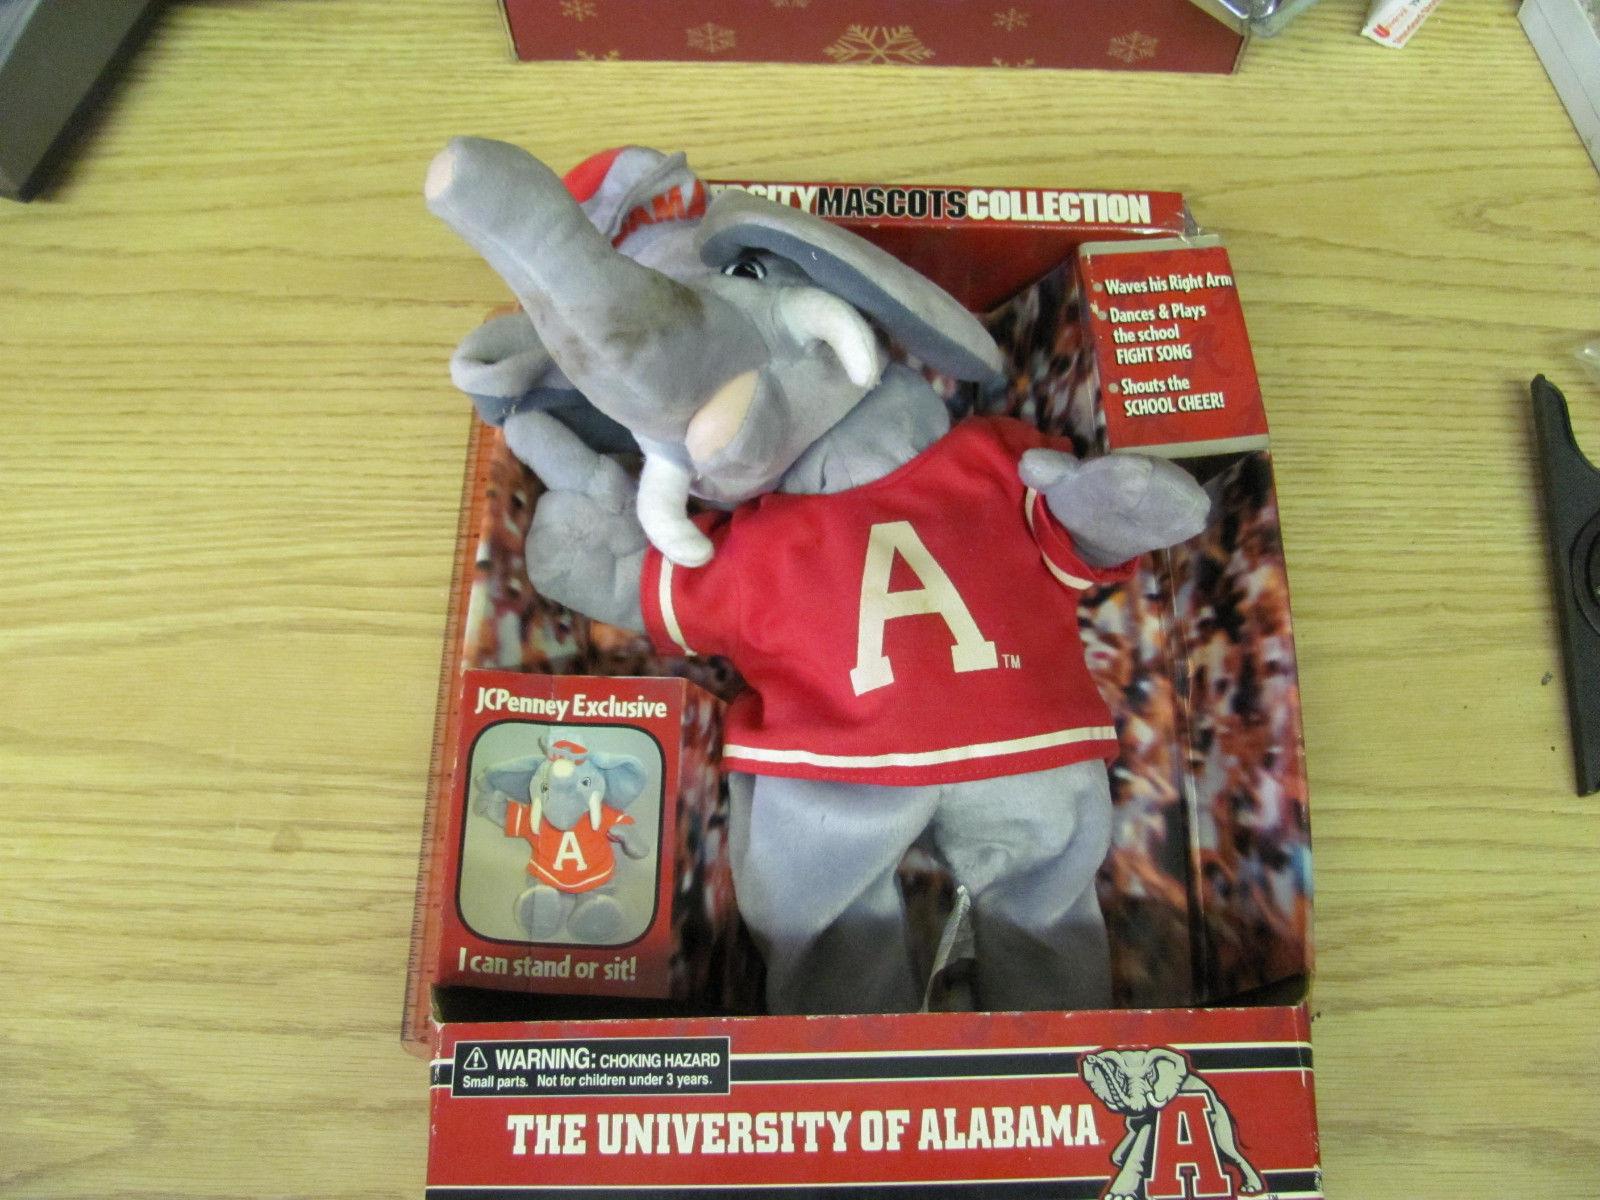 Image - Vintage University of Alabama Mascots Collection Elephant ...